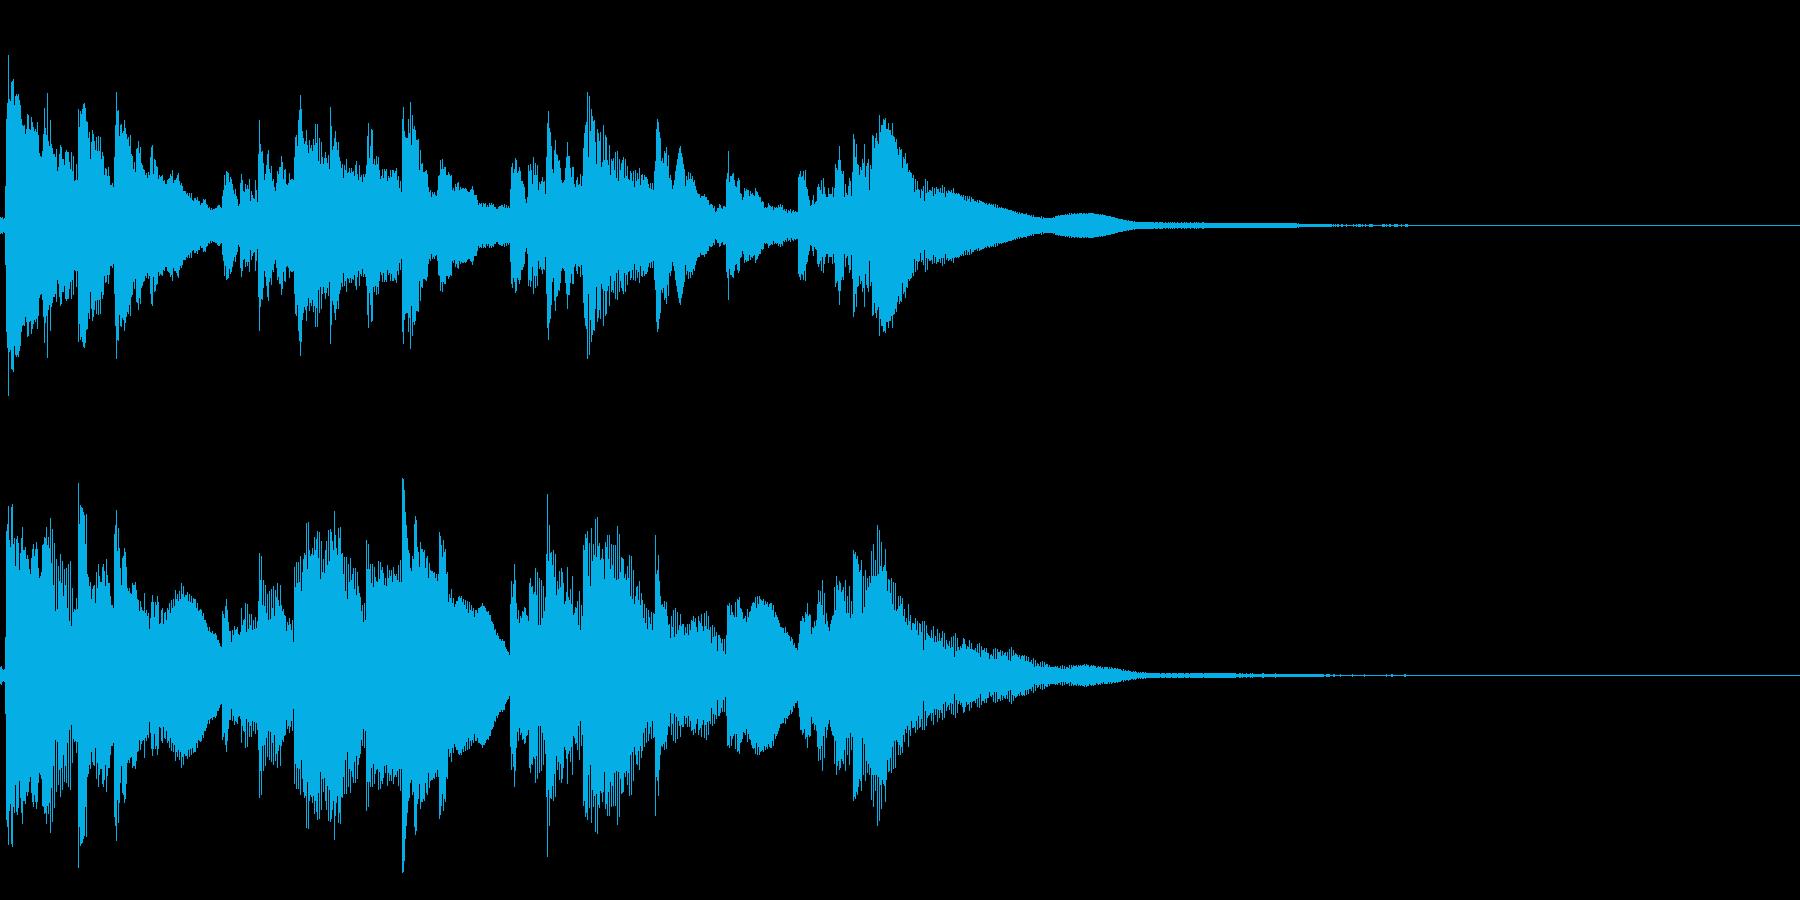 琴☆アイキャッチ2 リバーブ有の再生済みの波形